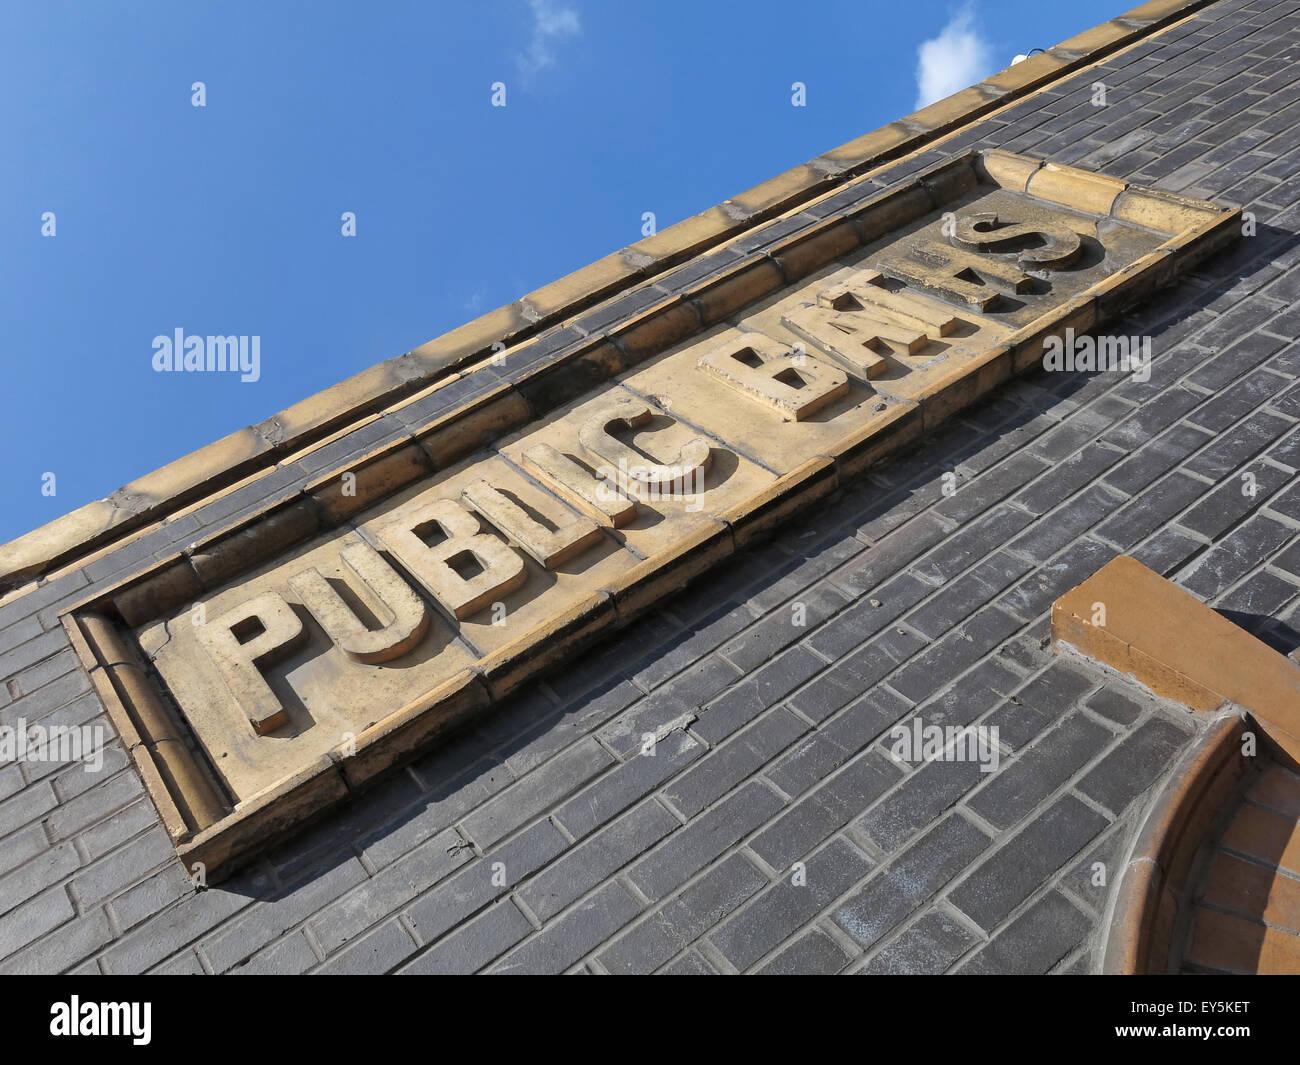 Laden Sie dieses Alamy Stockfoto Warrington öffentliche Bäder Zeichen, Cheshire, England, Vereinigtes Königreich - EY5KET